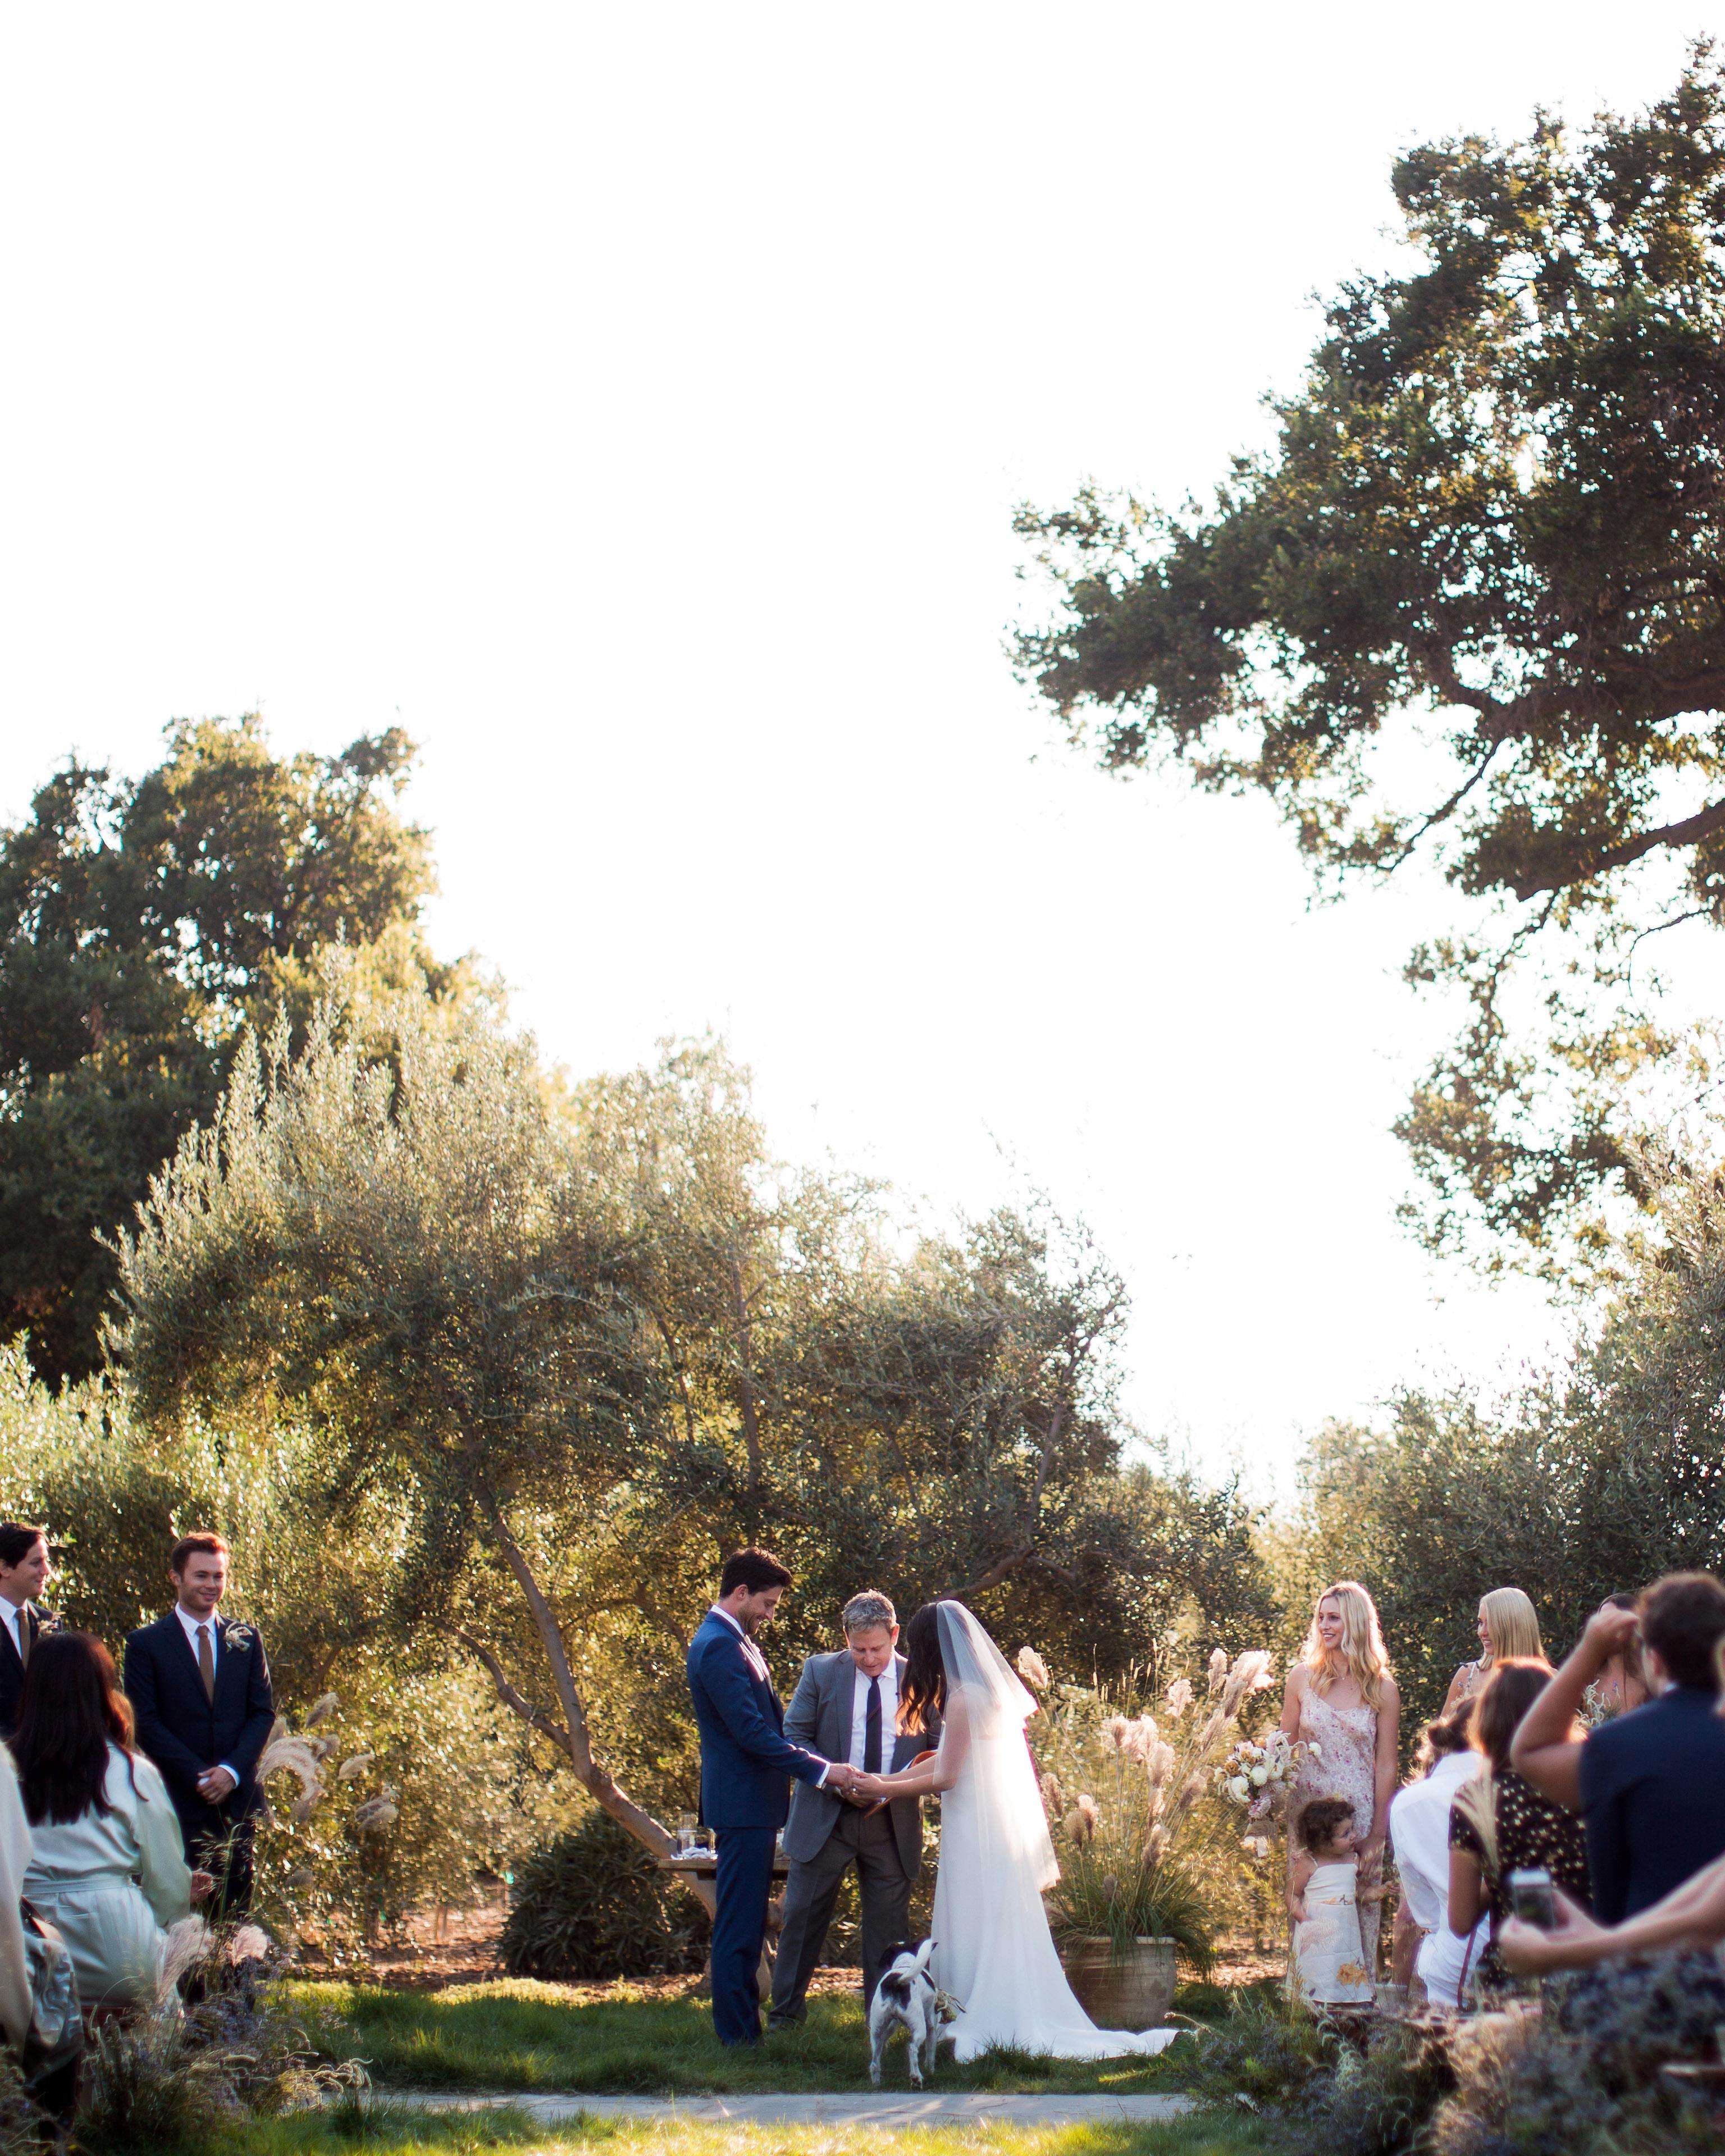 anika max wedding couple outdoor ceremony